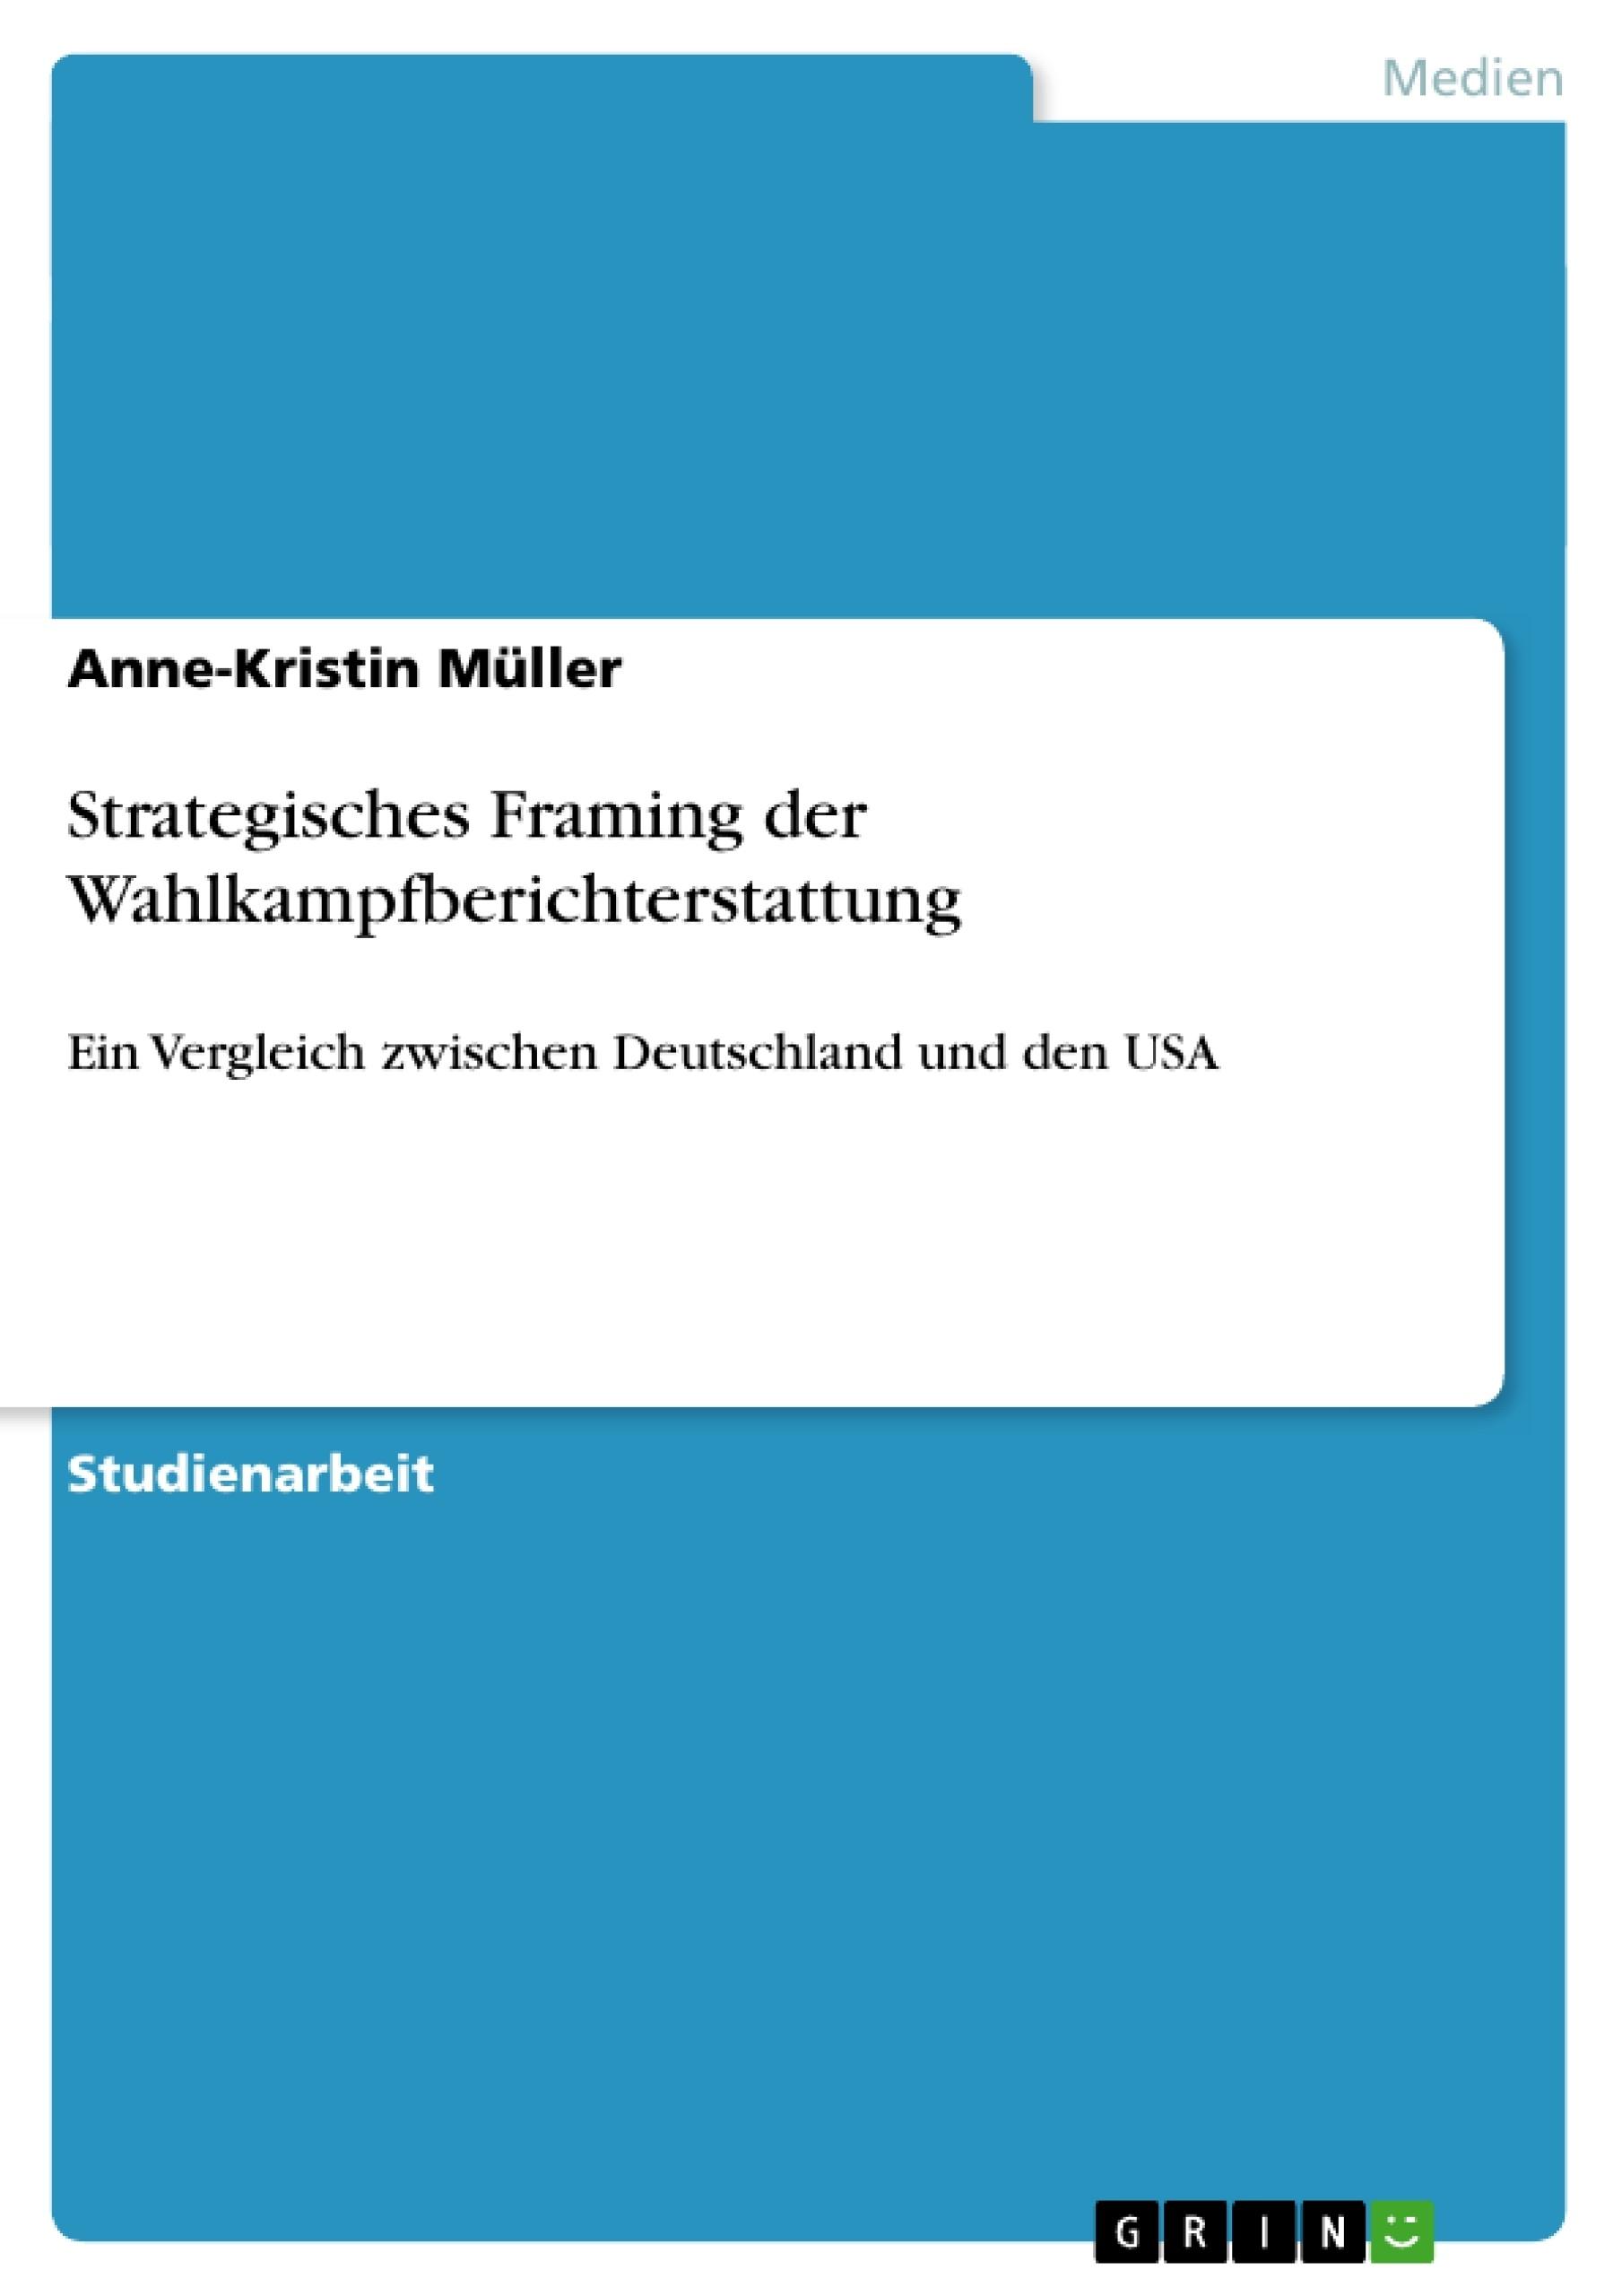 Titel: Strategisches Framing der Wahlkampfberichterstattung